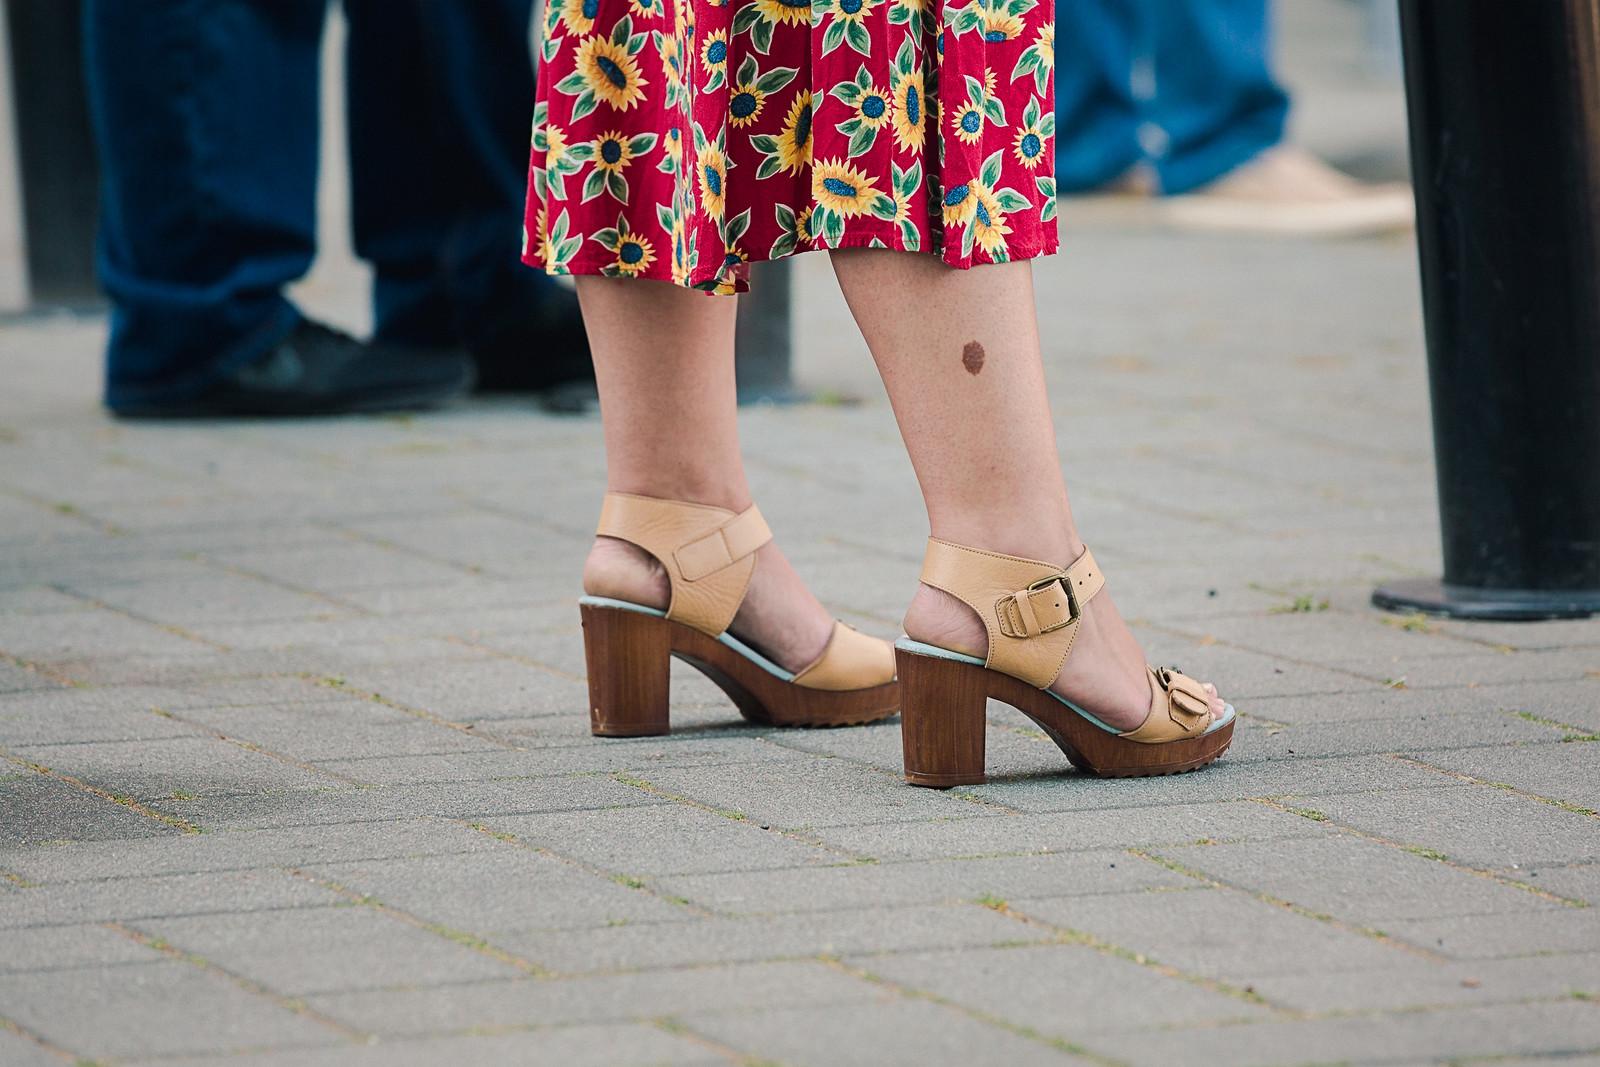 Sunflower Dress, High Heels, Beauty Mark